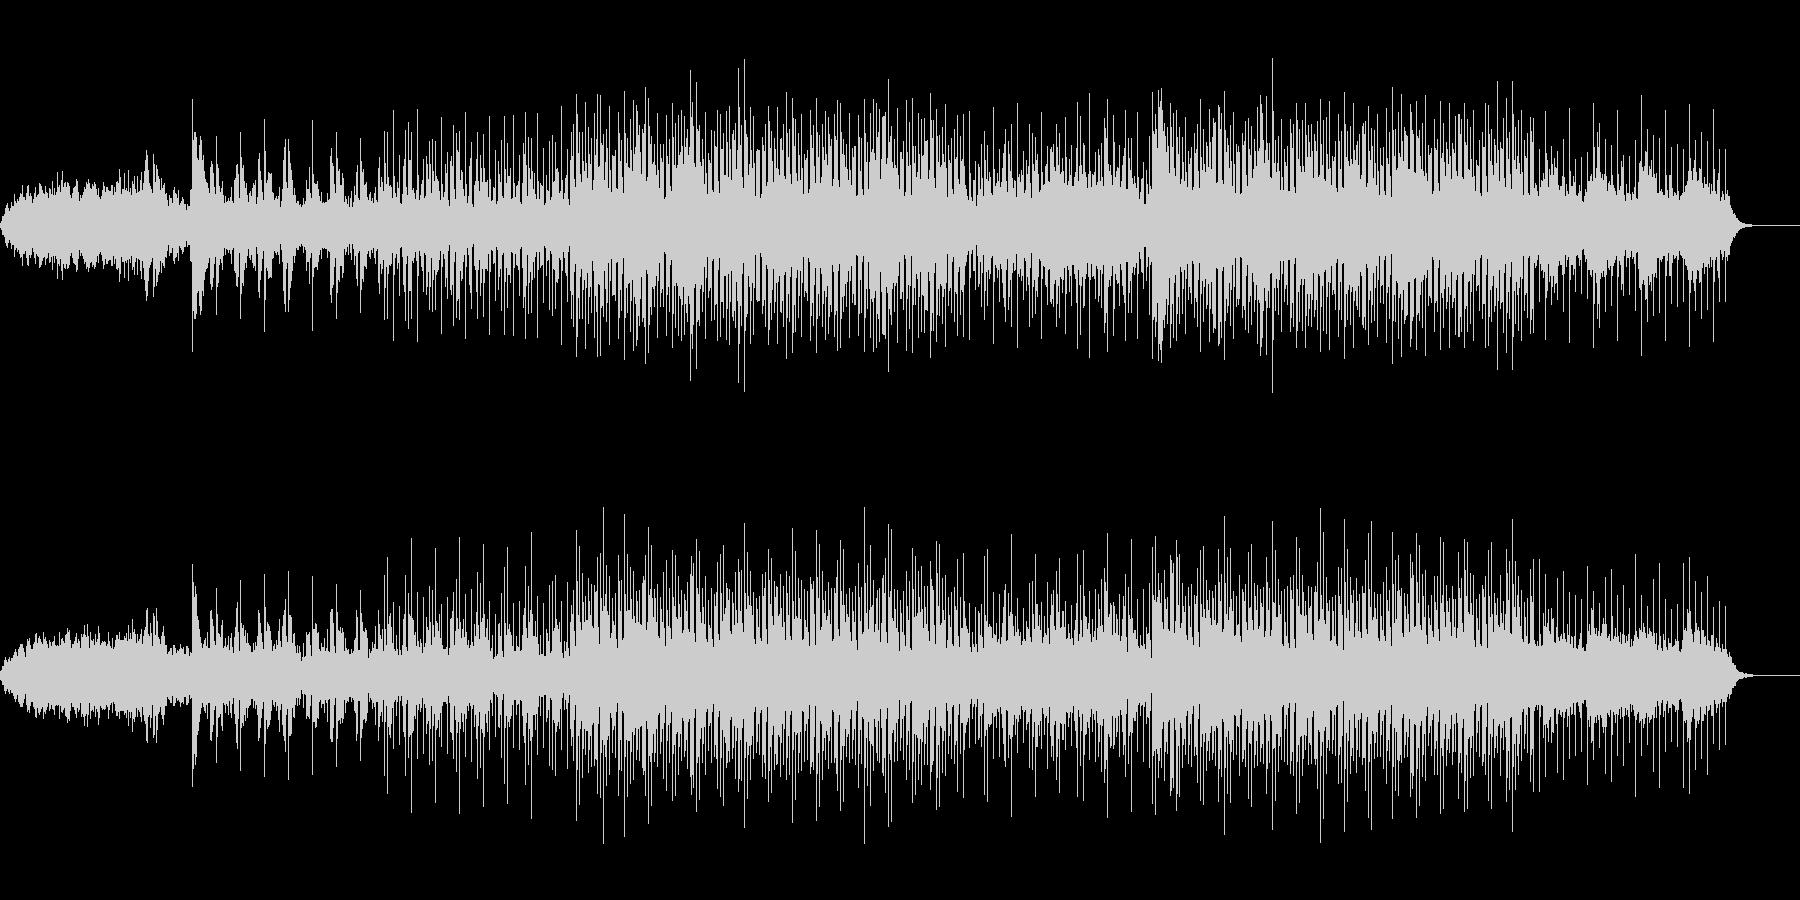 アンビエント環境音楽ヒーリング-02の未再生の波形